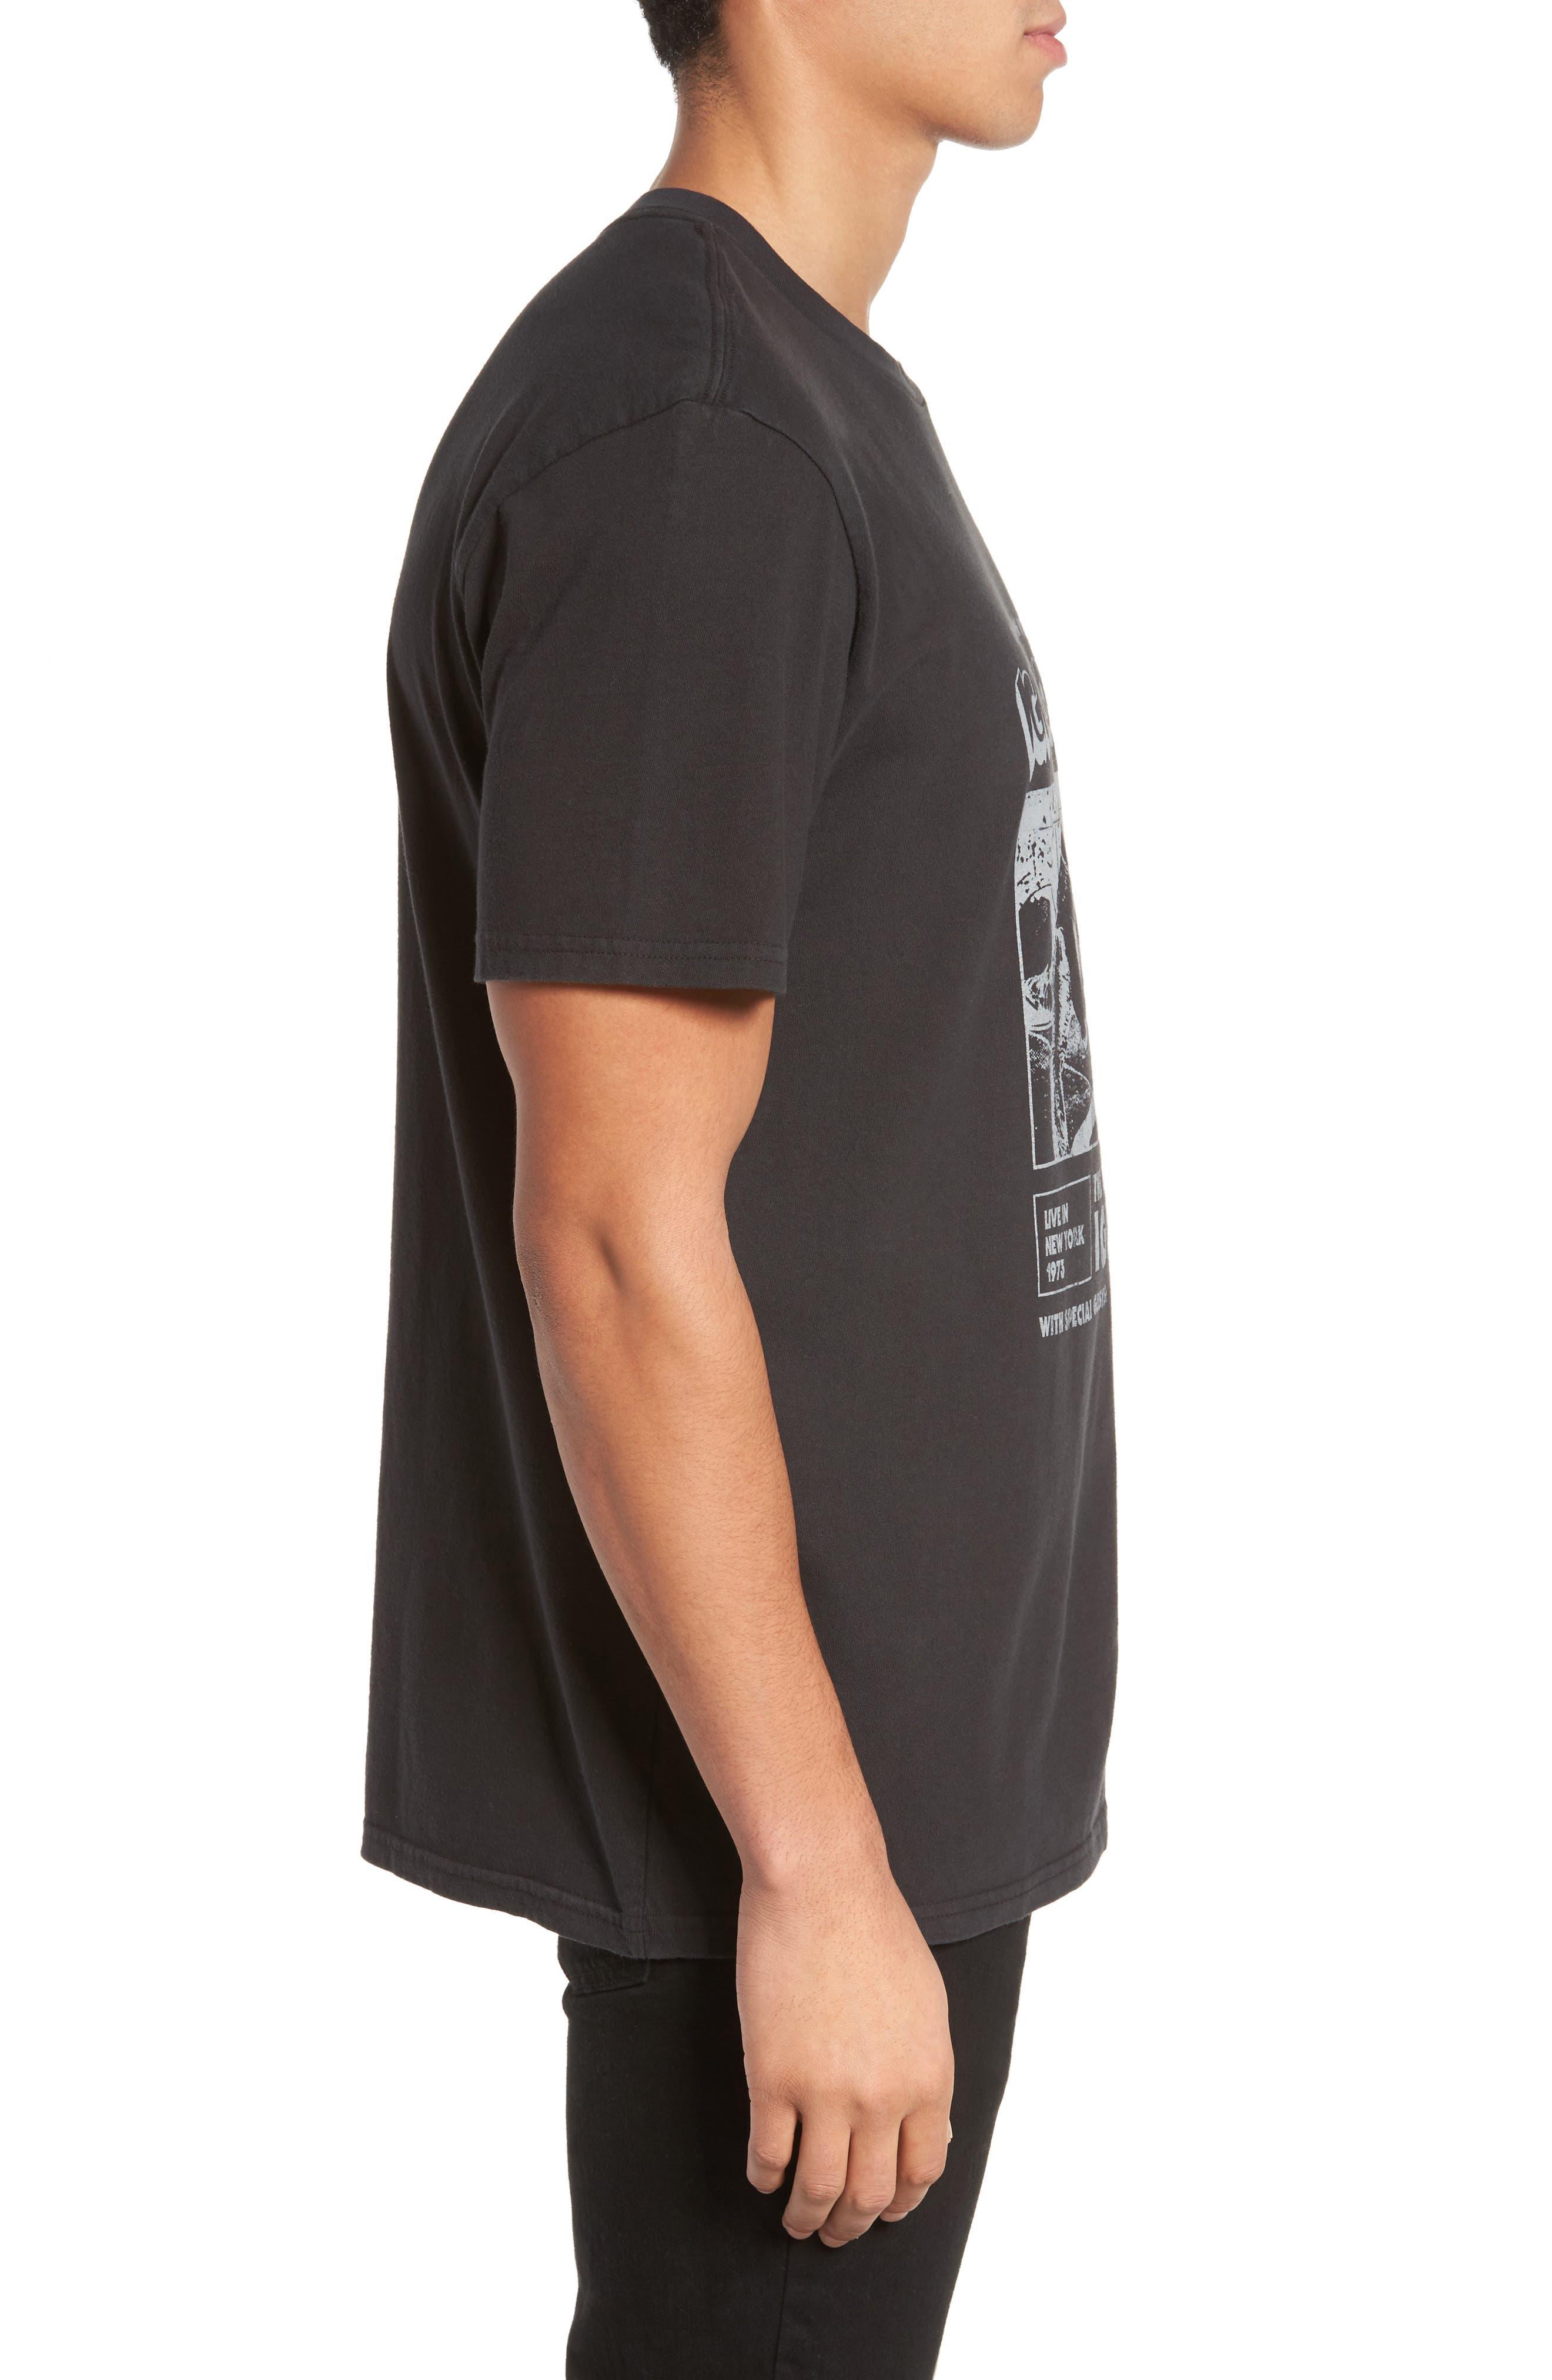 Alternate Image 3  - Iggy Pop x Billabong Iguana T-Shirt